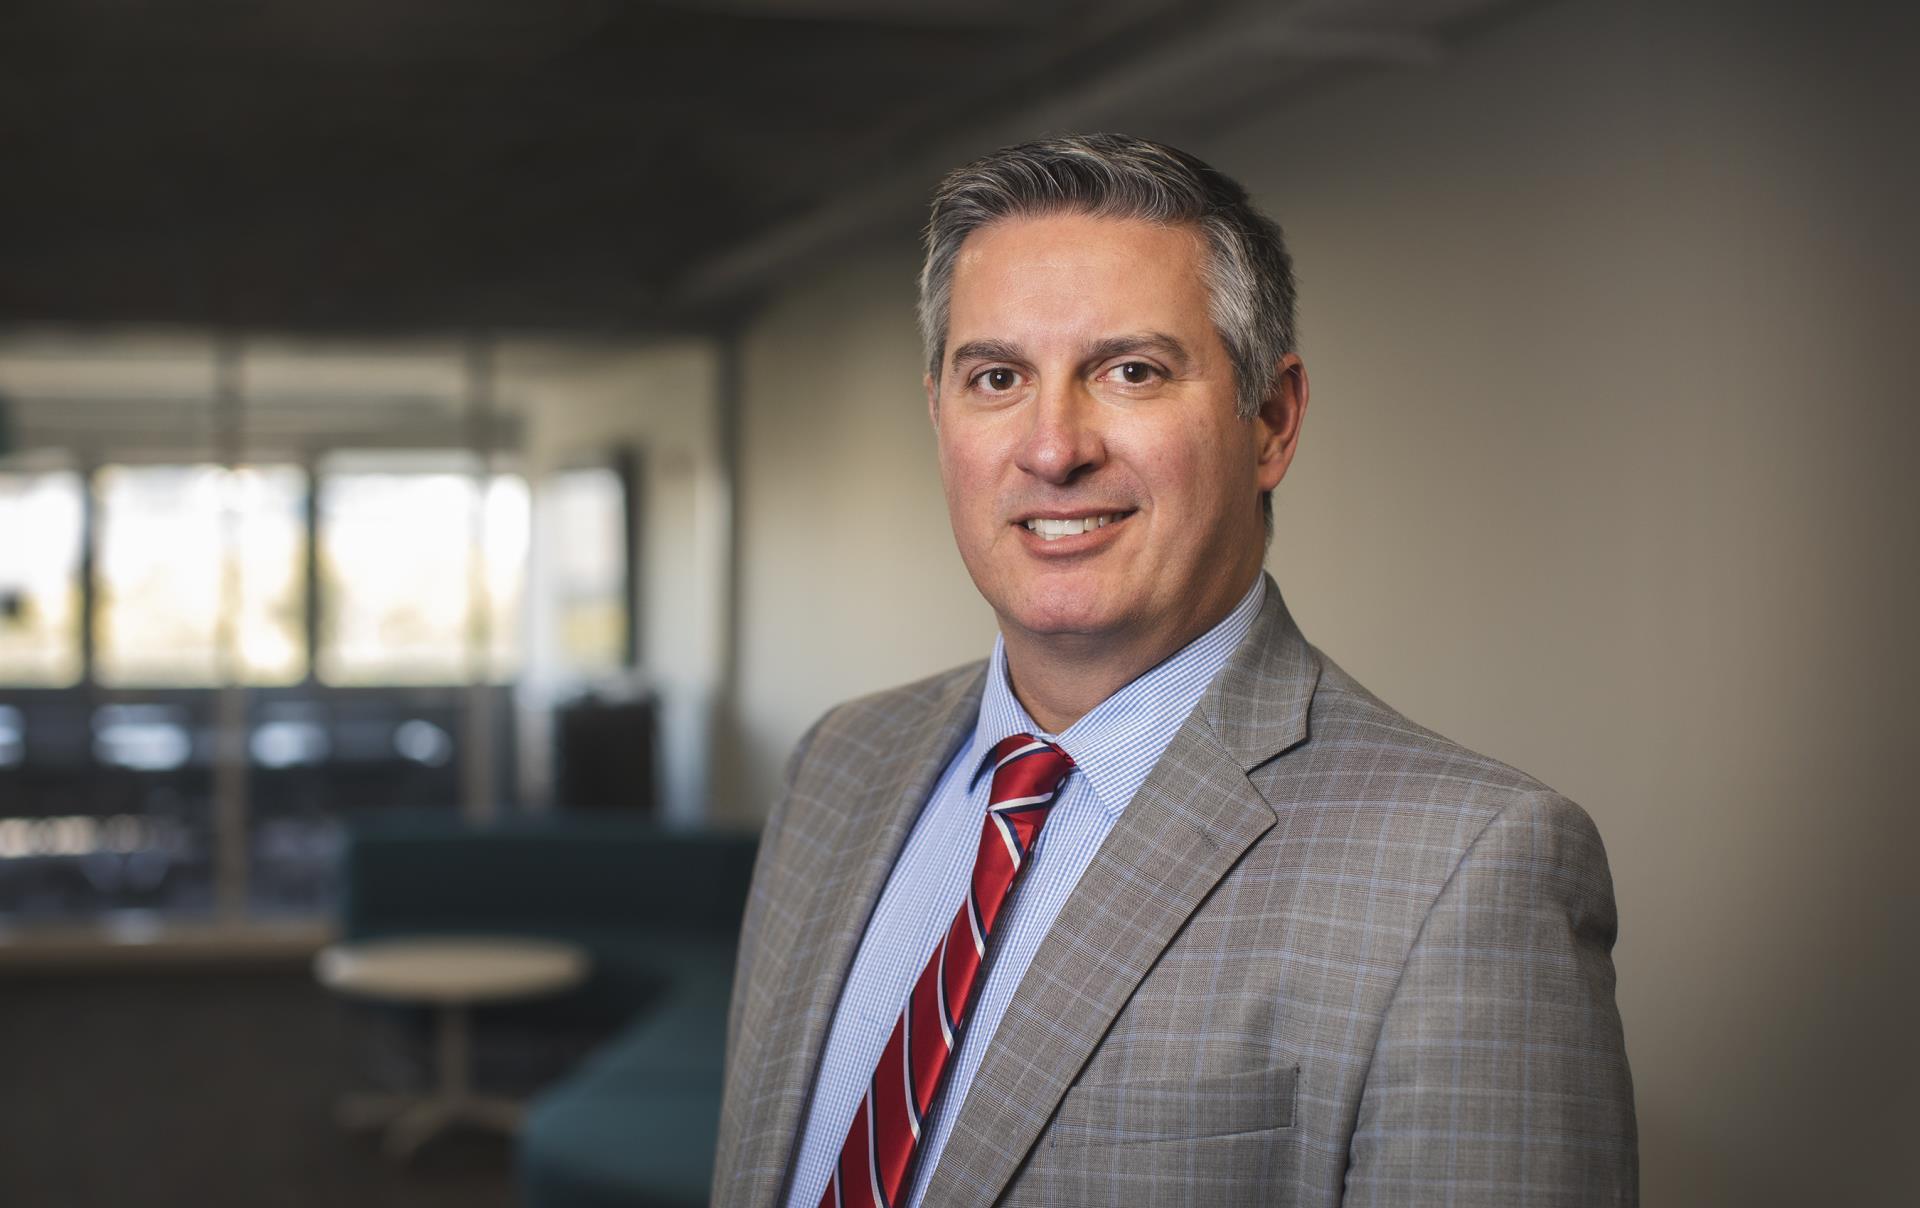 Michael Brian Haas